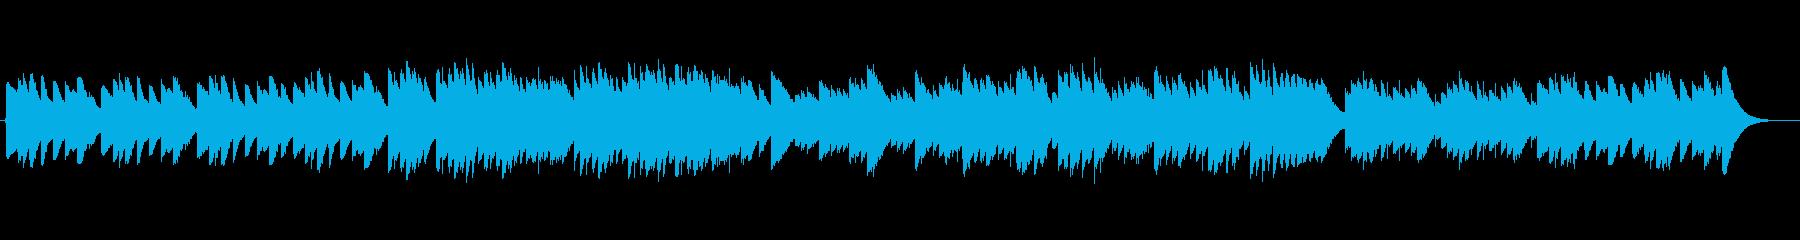 <オルゴール>爽やかな朝日を感じる音色の再生済みの波形